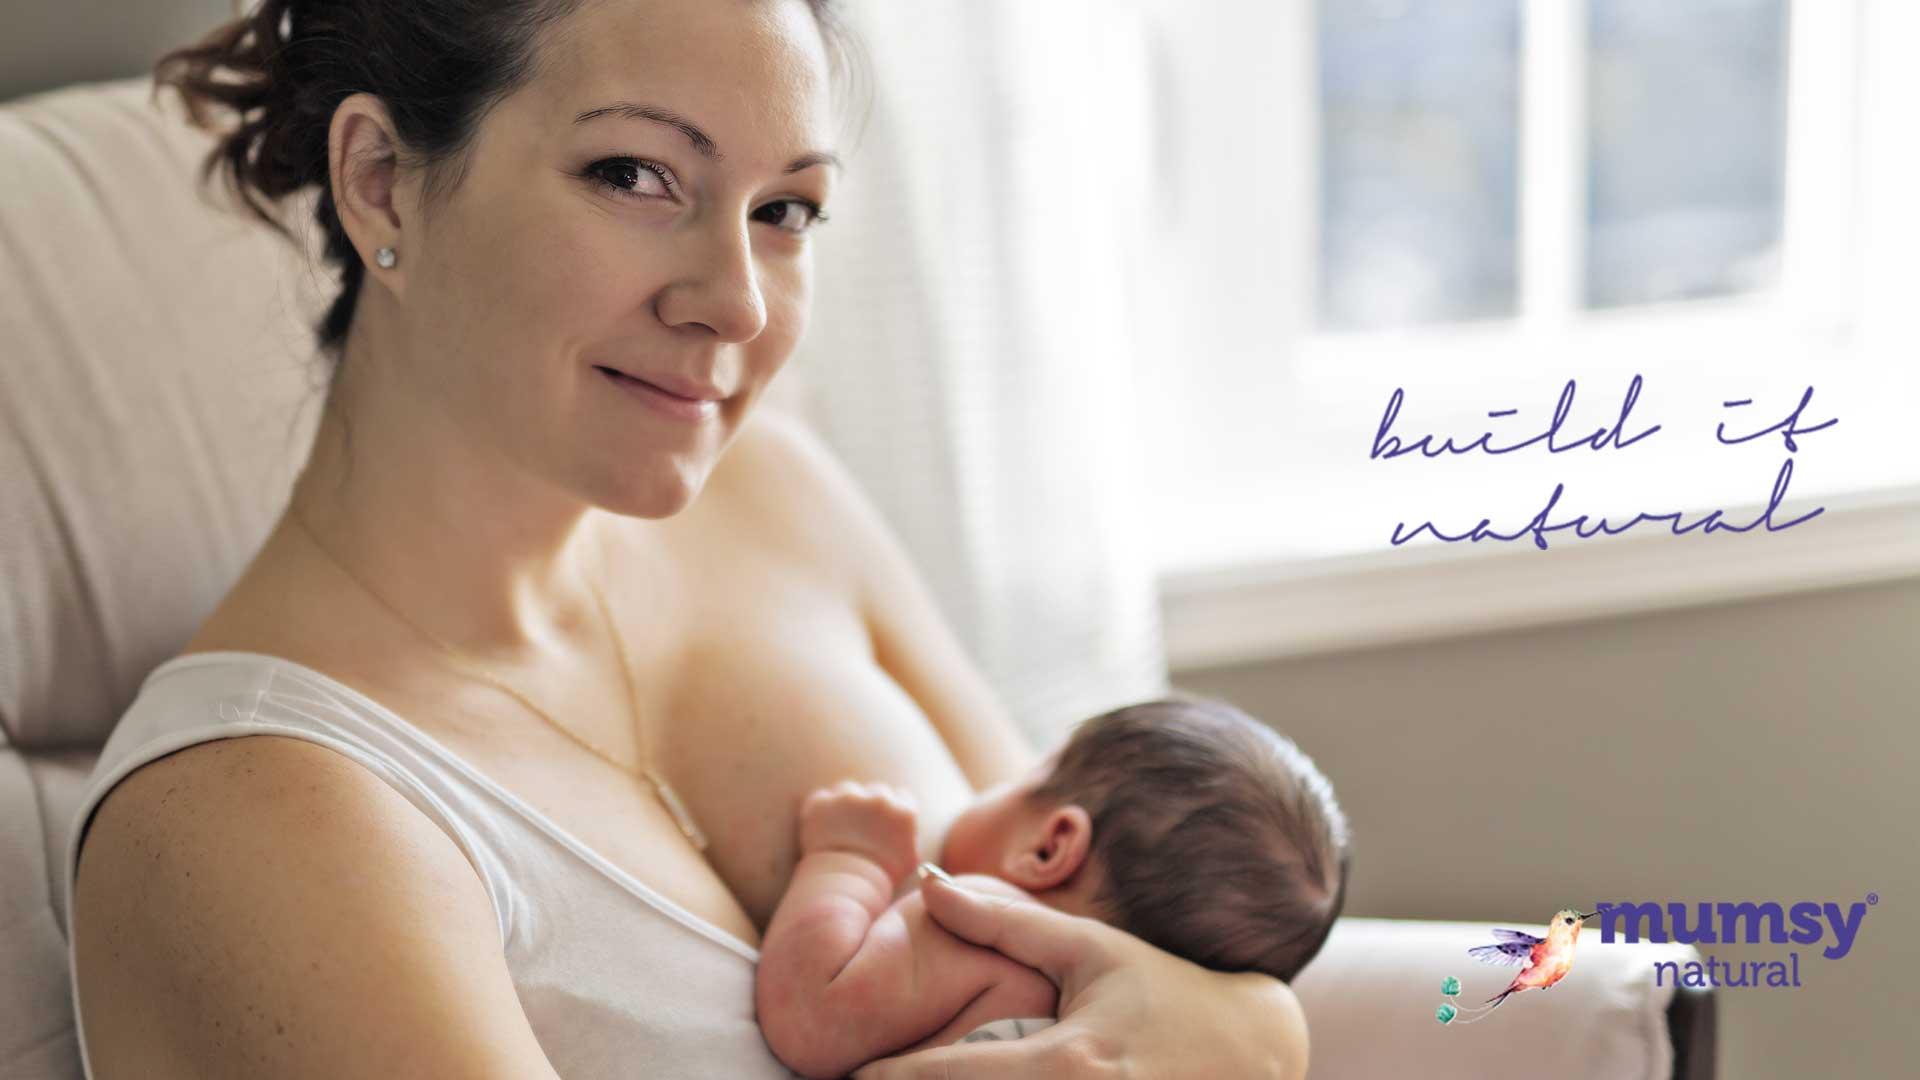 Emzirmek sadece emzirmek değildir emzirme bebek emzirme rüyada emzirmek emziren bebek emzirmek yeni doğan bebeği emzirmek rüya tabirleri emzirmek yenidoğan bebek emzirme yenidoğan bebek emzirme süresi yeni doğan bebeklerde emzirme yenidoğan bebeği emzirme yeni doğan bebeğin emzirilmesi yeni doğan bebek emzirme yenidoğan bebeklerde emzirme emziriyorum yeni doğan bebek emzirmesi yeni dogan emzirme yeni doğan emzirme süresi yeni doğan emzirme emzıren anneler yenidoğanda emzirme ruyada yeni dogmus bebek emzirmek bebeklerde emzirme rüyada bebek emzirdiğini görmek ruyada bebek emzirmek nedir doğru emzirme nasıl olmalı yenidoğan emzirme yeni doğan bebeği emzirme yeni dogan bebek emzirme yeni doğan bebekler emzirme süresi doğru emzirme nasıl olmalıdır gögüs emzirme göğüs emzirme yenidoğan emzirme süreleri rüyada süt emen bebek görmek rüyada emen bebek görmek yenidogan emzirme suresi yeni doğan bebeklerin emzirme süresi ruyada bebek emzirmek emzirme nasıl olmalıdır emziren annelere yenidoğan bebeklerde emzirme süresi yenidogan emzirme yeni doğan bebeğin emzirme süresi bebeklerde emzirme süreleri yeni doğan bebek nasıl emzirilir gebelikte emzirme dünya emzirme haftası hamileyken emzirmek bebeği zehirler mi rüya tabirleri erkek bebek emzirmek bebeği emzirme pozisyonu yenidoğan bebeği emzirme süresi hamilelikte bebek emzirilir mi hamile kadının bebek emzirmesi yeni dogan bebek ne kadar emmeli yeni doğan bebek ne kadar emmeli bebeklerin emmesi emziren anneler için rüyada eşinin bebek emzirdiğini görmek emzirenler emziren anne sut icebilirmi hamileyken bebek emzirilirmi yeni doğan bebekler nasıl emzirilir hamilelikte emzirmek hamileyken bebek emzirilir mi yeni doğan bebek emzirme sorunu emzirme yastığı kullanımı rüya tabirleri rüyada bebek emzirmek yeni doğmuş bebek nasıl emzirilir yenidoğan biberon kullanımı yeni doğan bebek ne kadar emzirilmeli emzirme minderi nasıl kullanılır emzirmede memede acı yeni doğan bebek biberon kullanımı hamile iken bebek emzirilir mi bebek emzirme s